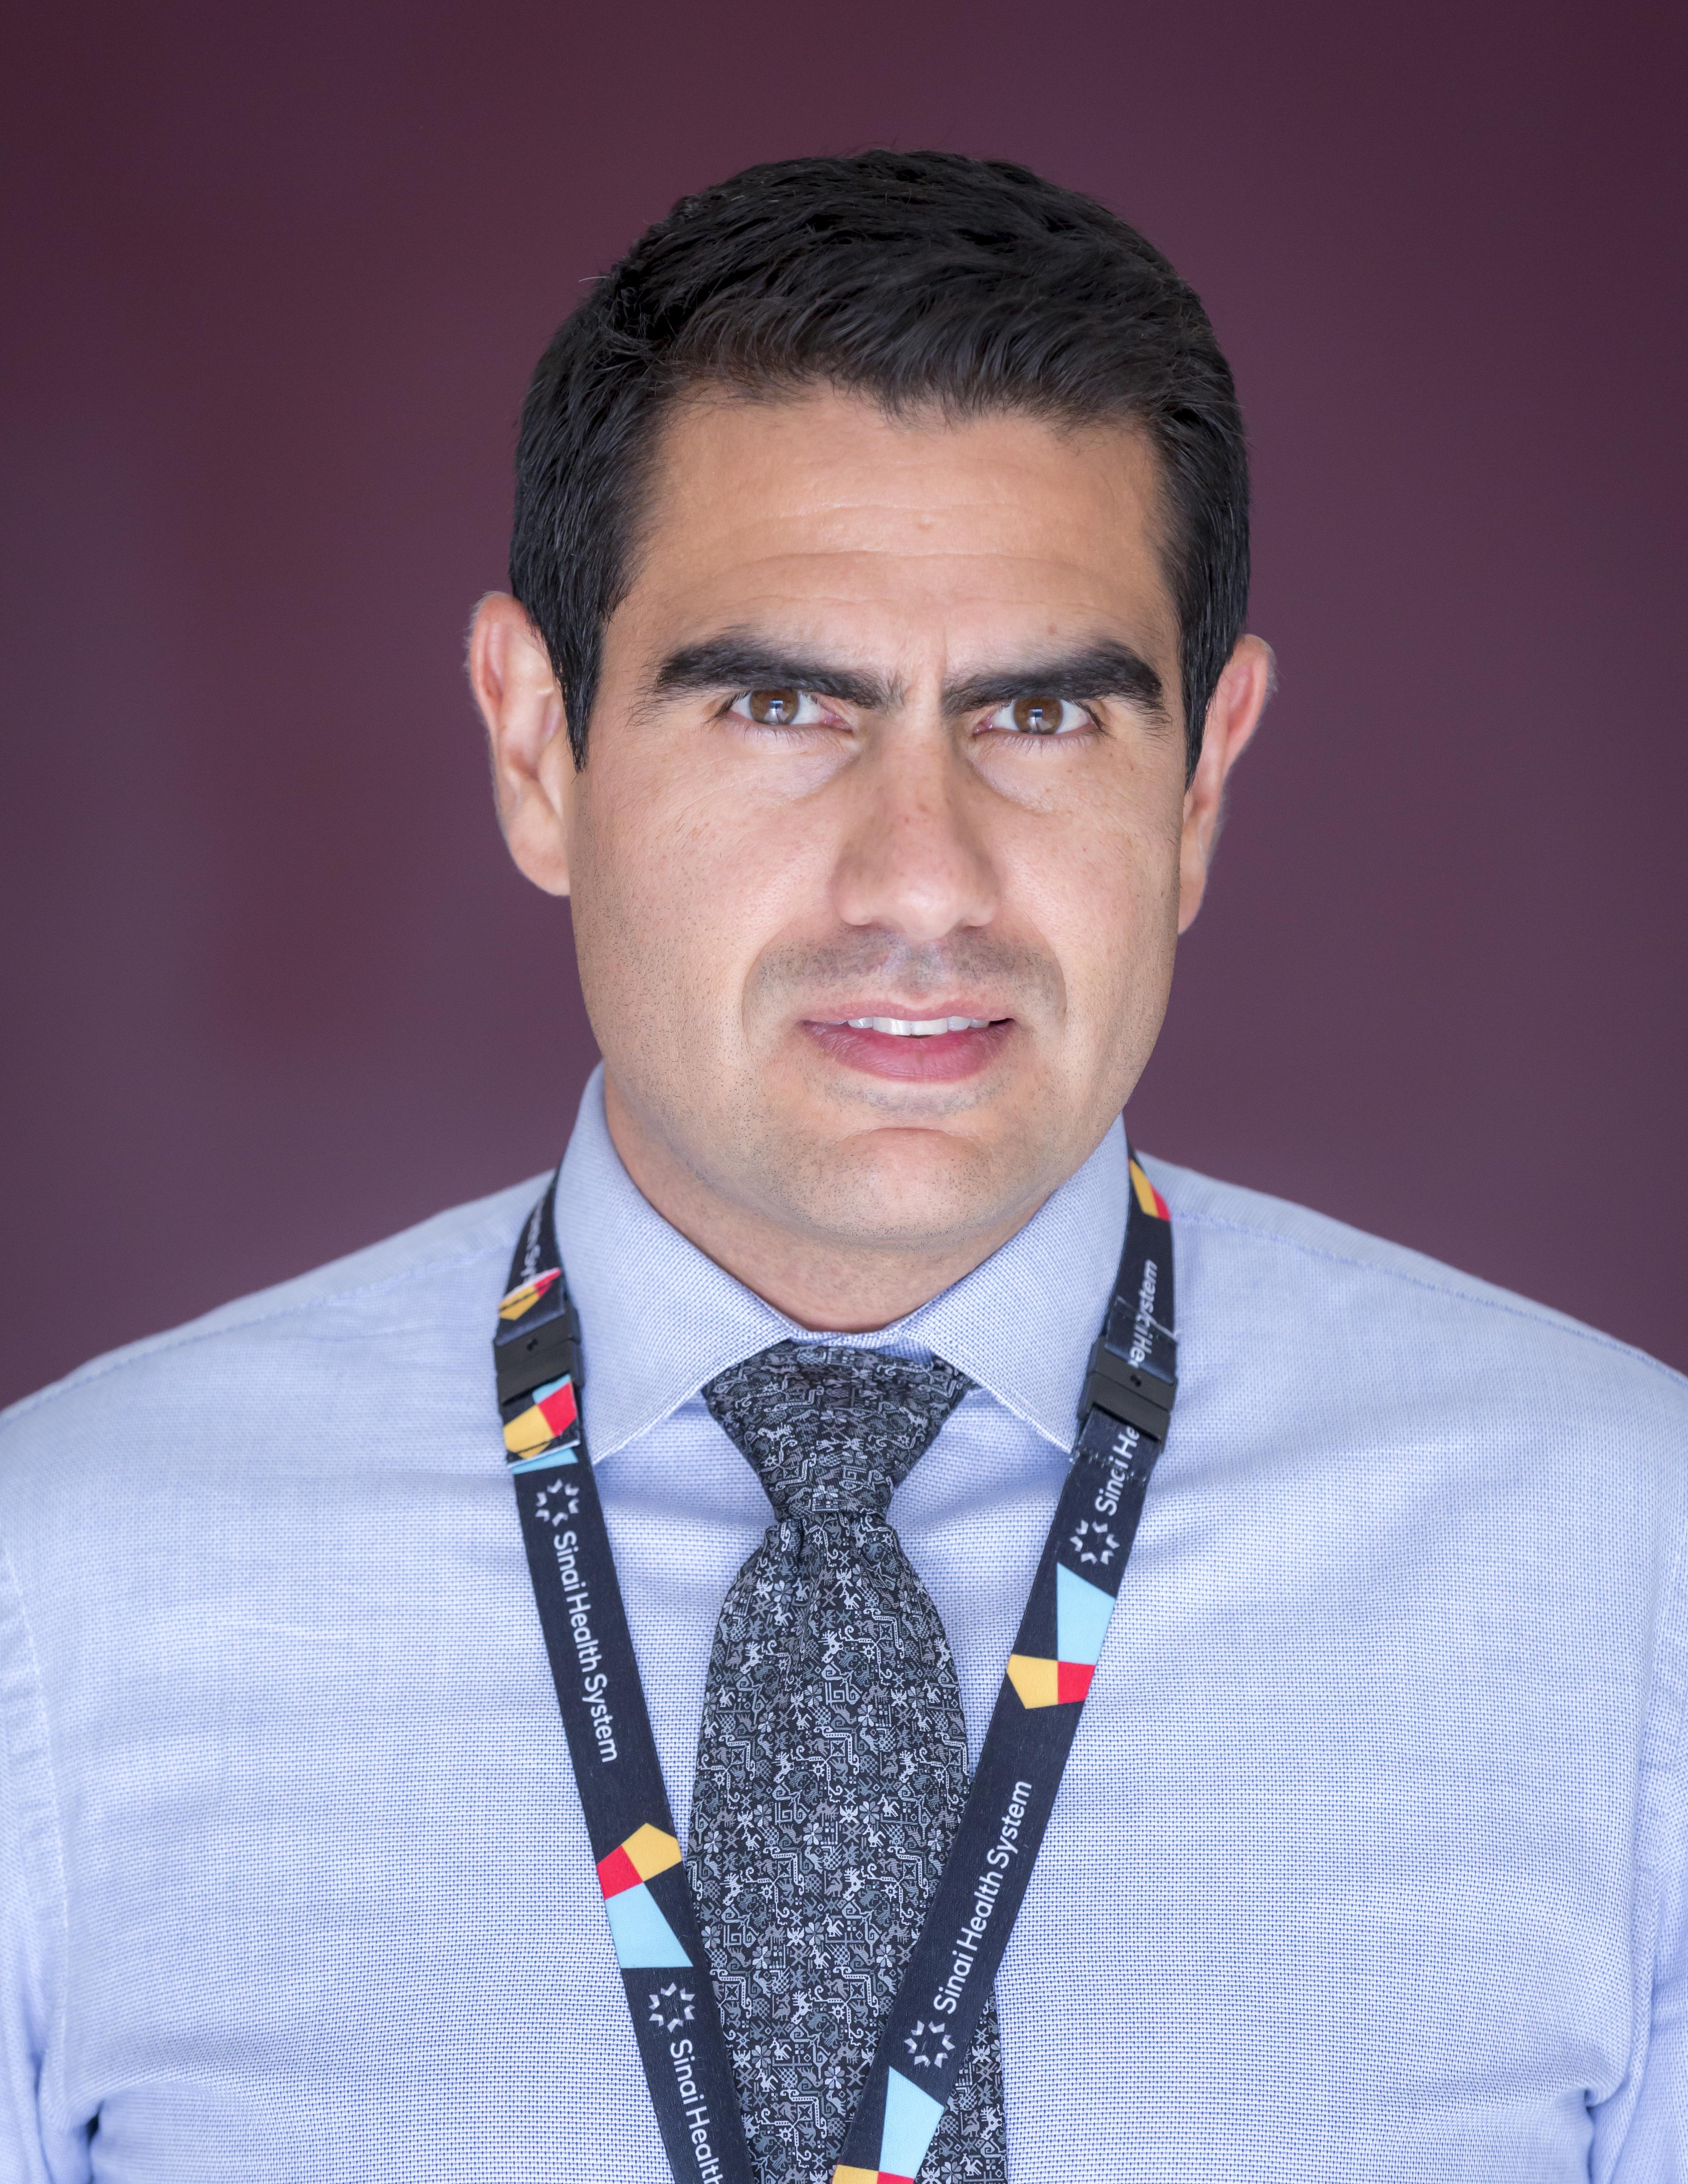 Federico Yanez-Siller